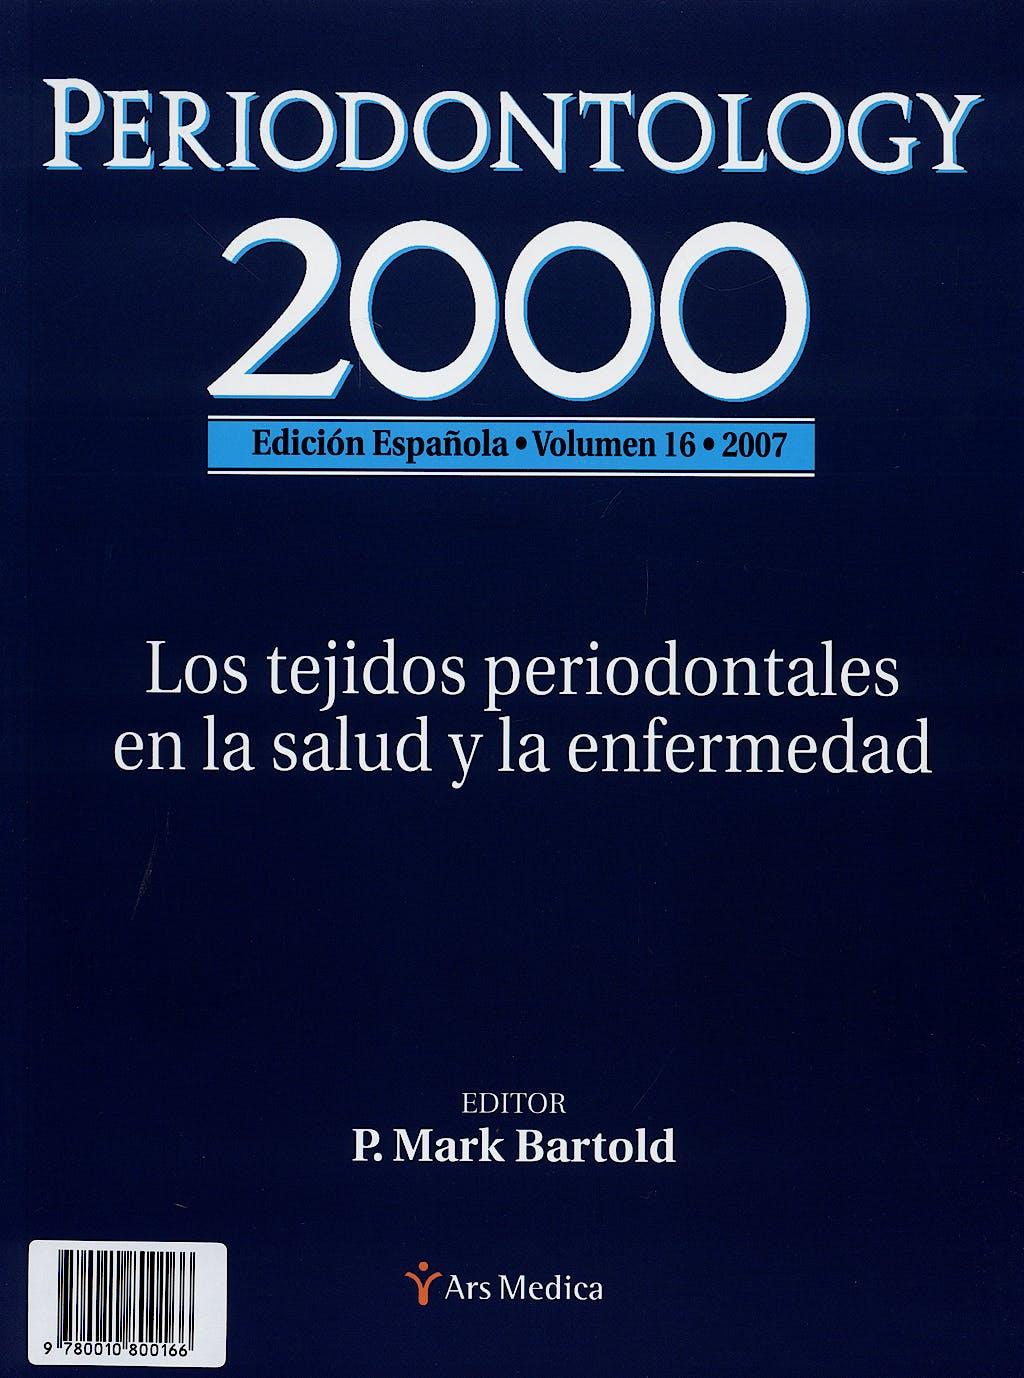 Portada del libro 9780010800166 Periodontology 2000, Vol. 16, 2007: Los Tejidos Periodontales en la Salud y la Enfermedad